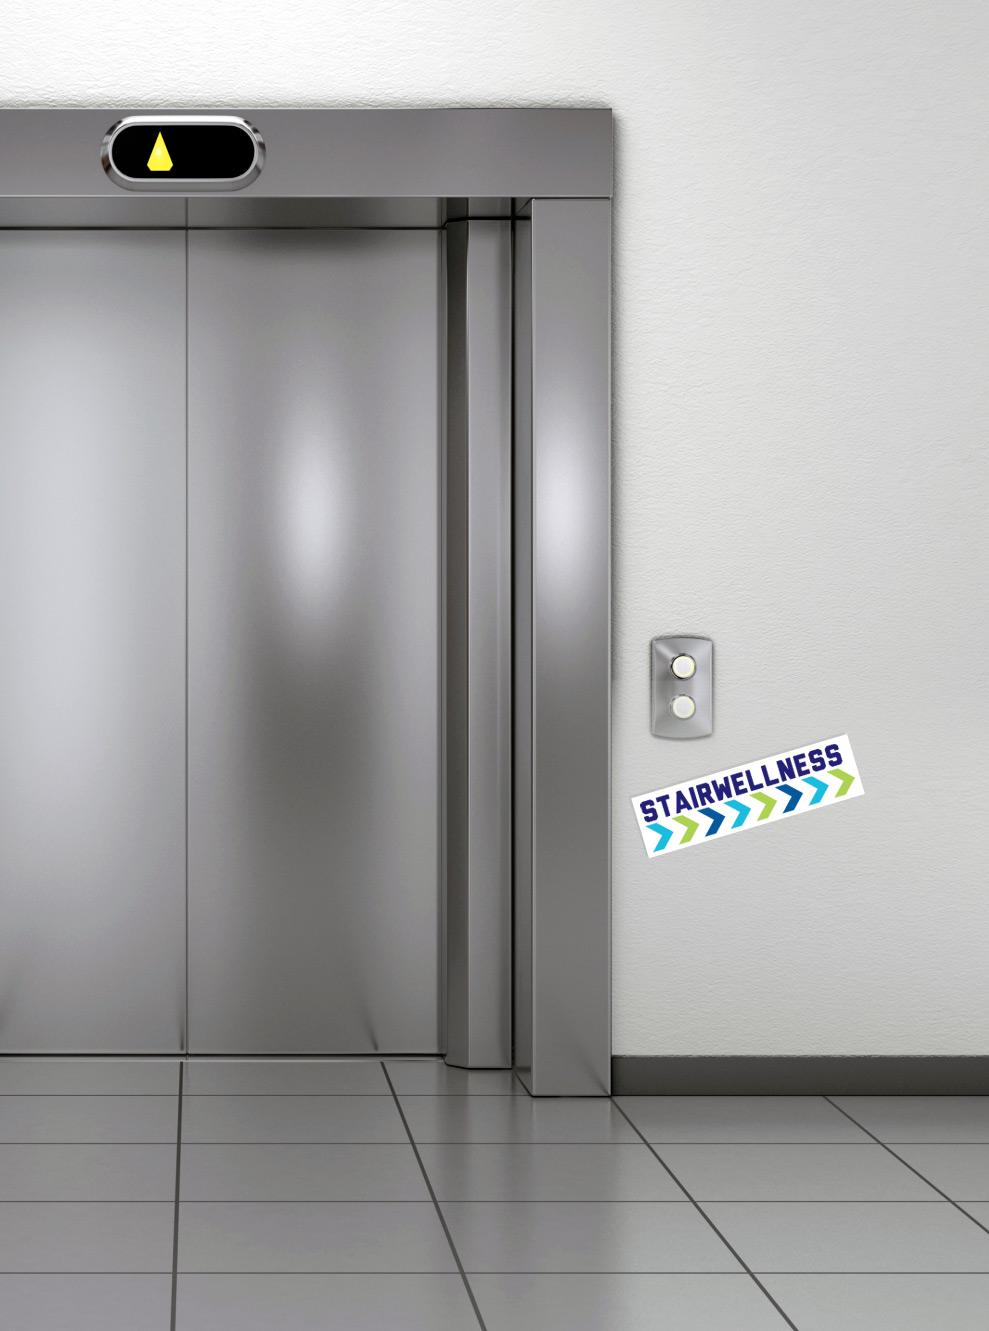 StairWellness-elevator-sticker.jpg